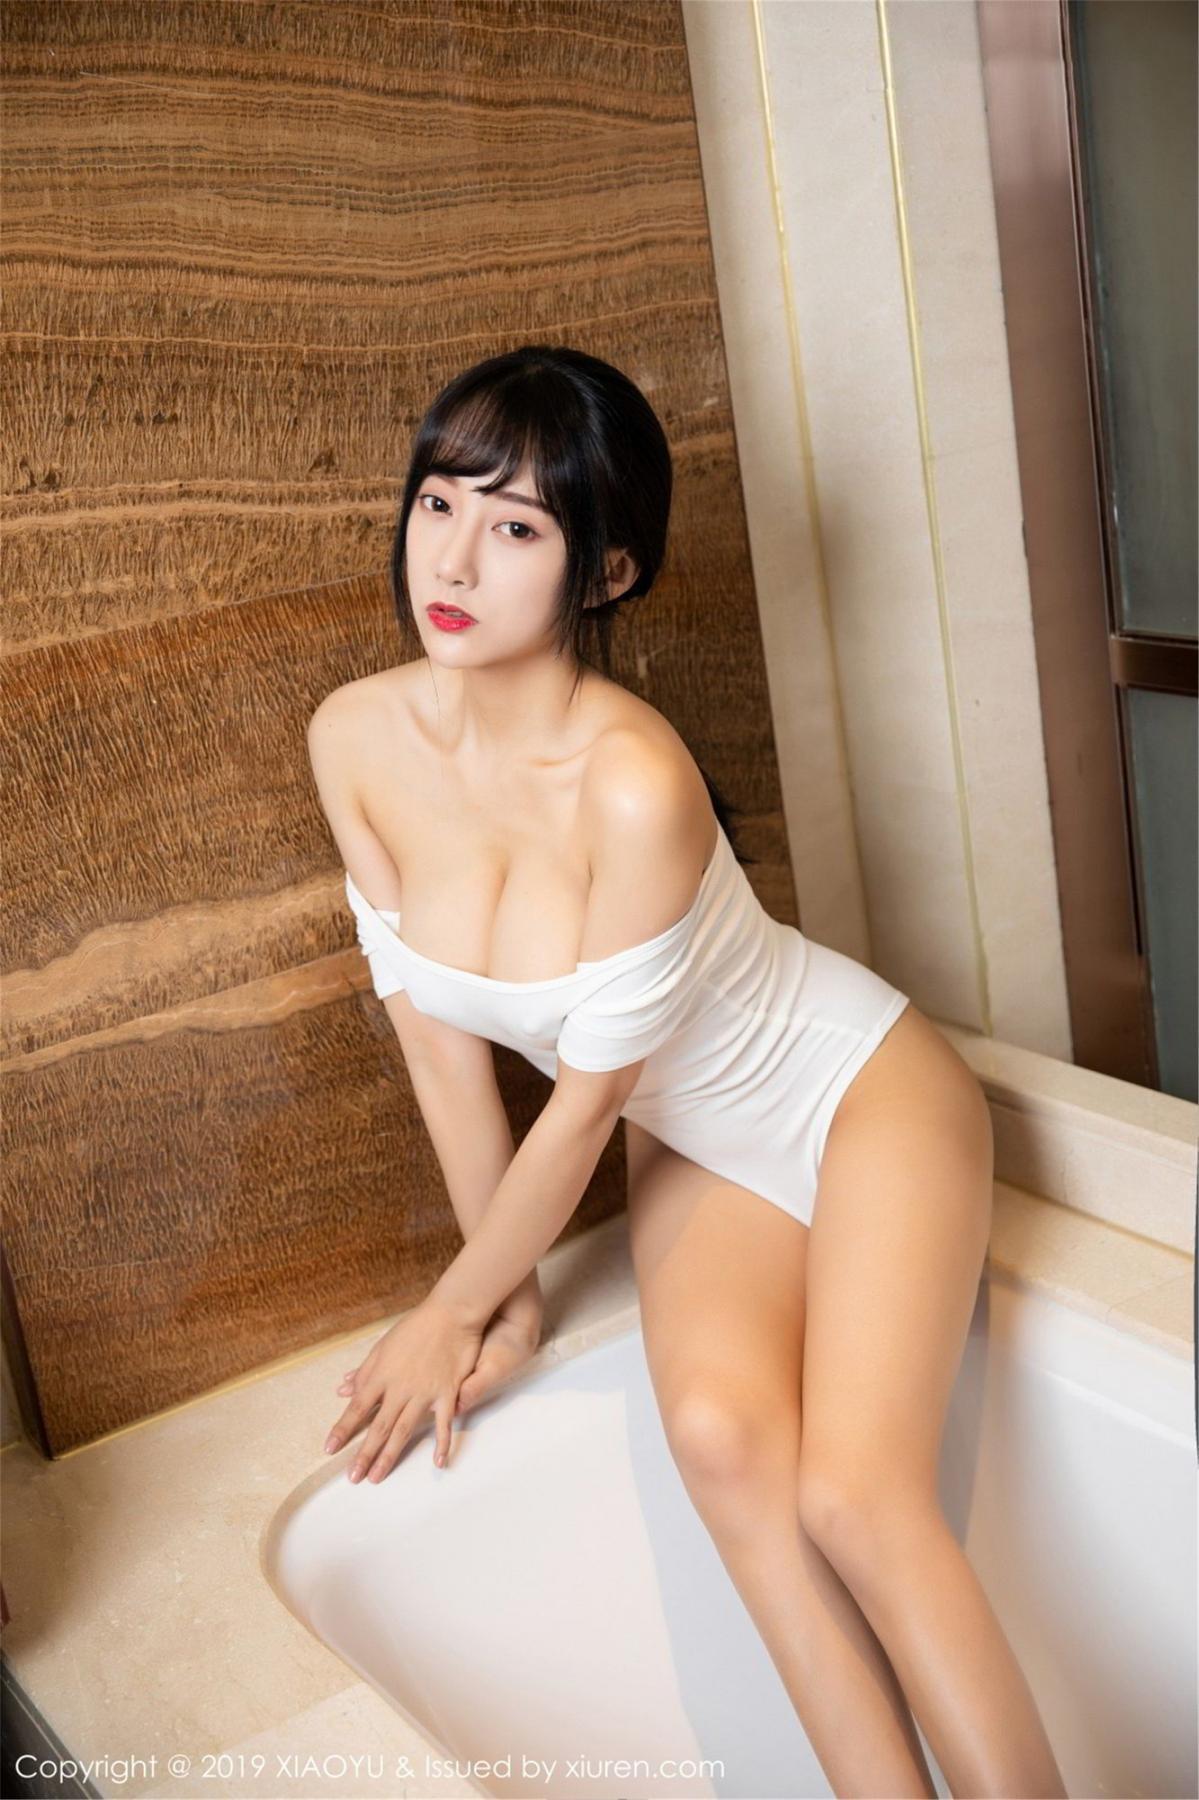 [XiaoYu] Vol.116 He Jia Ying 4P, Bathroom, He Jia Ying, Wet, XiaoYu